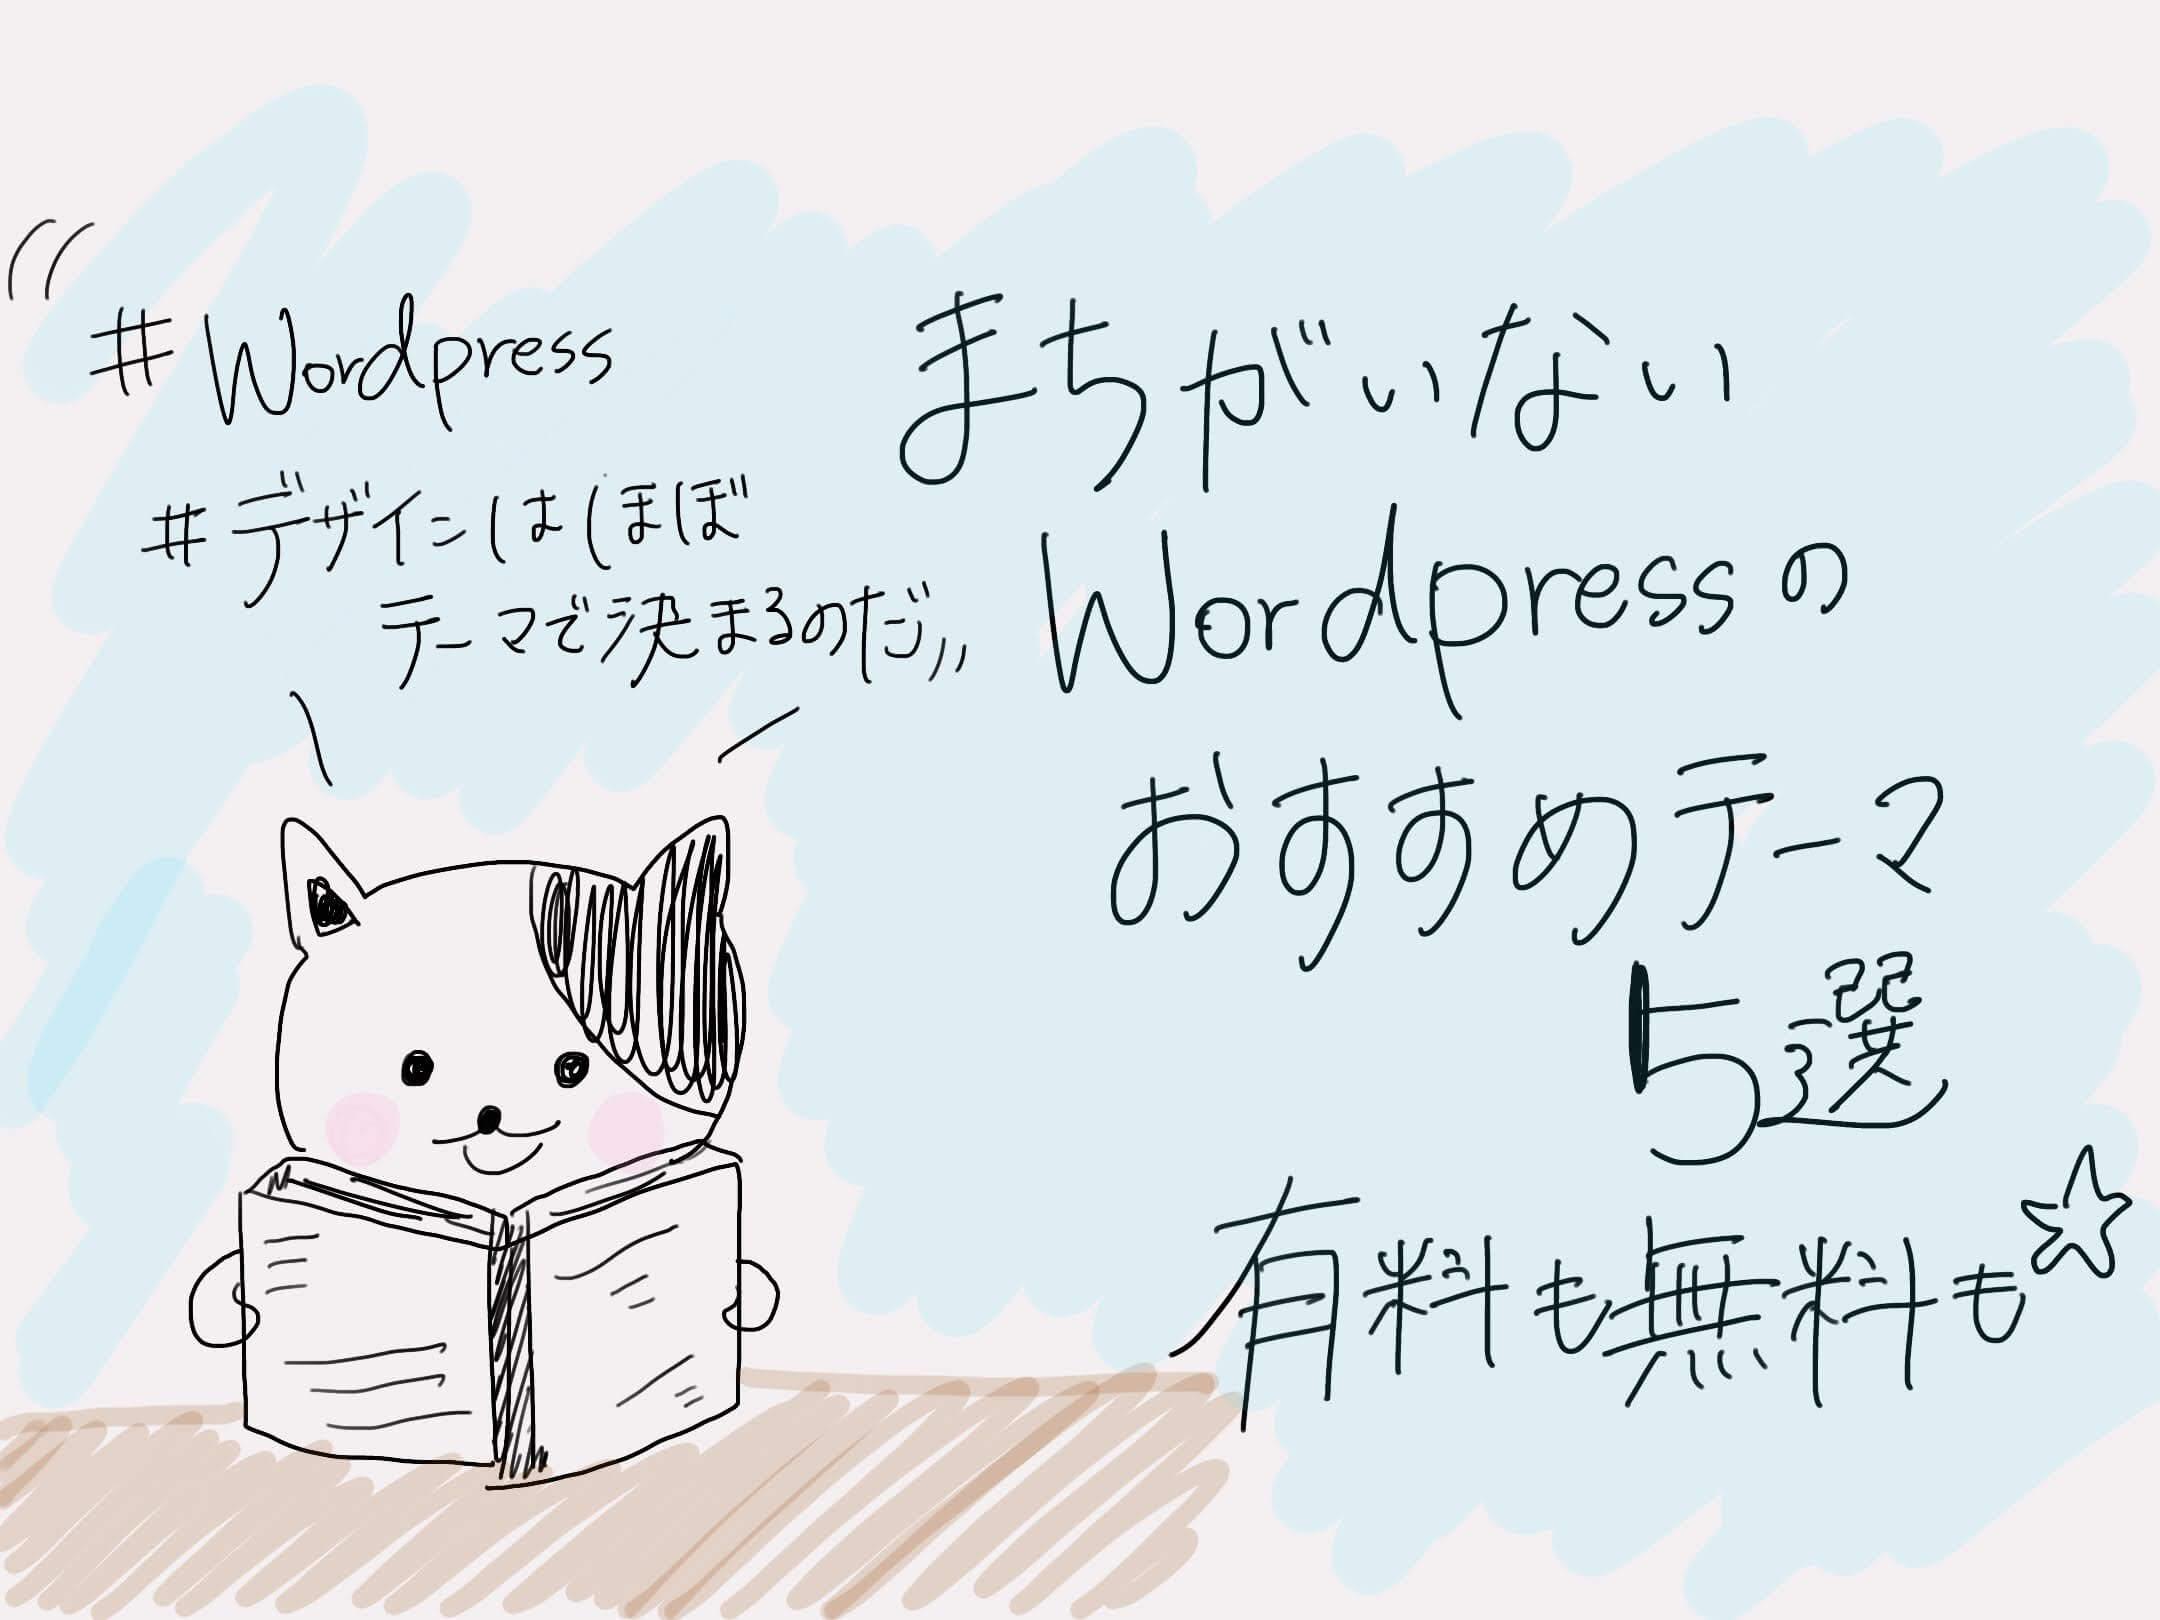 間違いないWordPressのおすすめテーマ5選(有料も無料も)